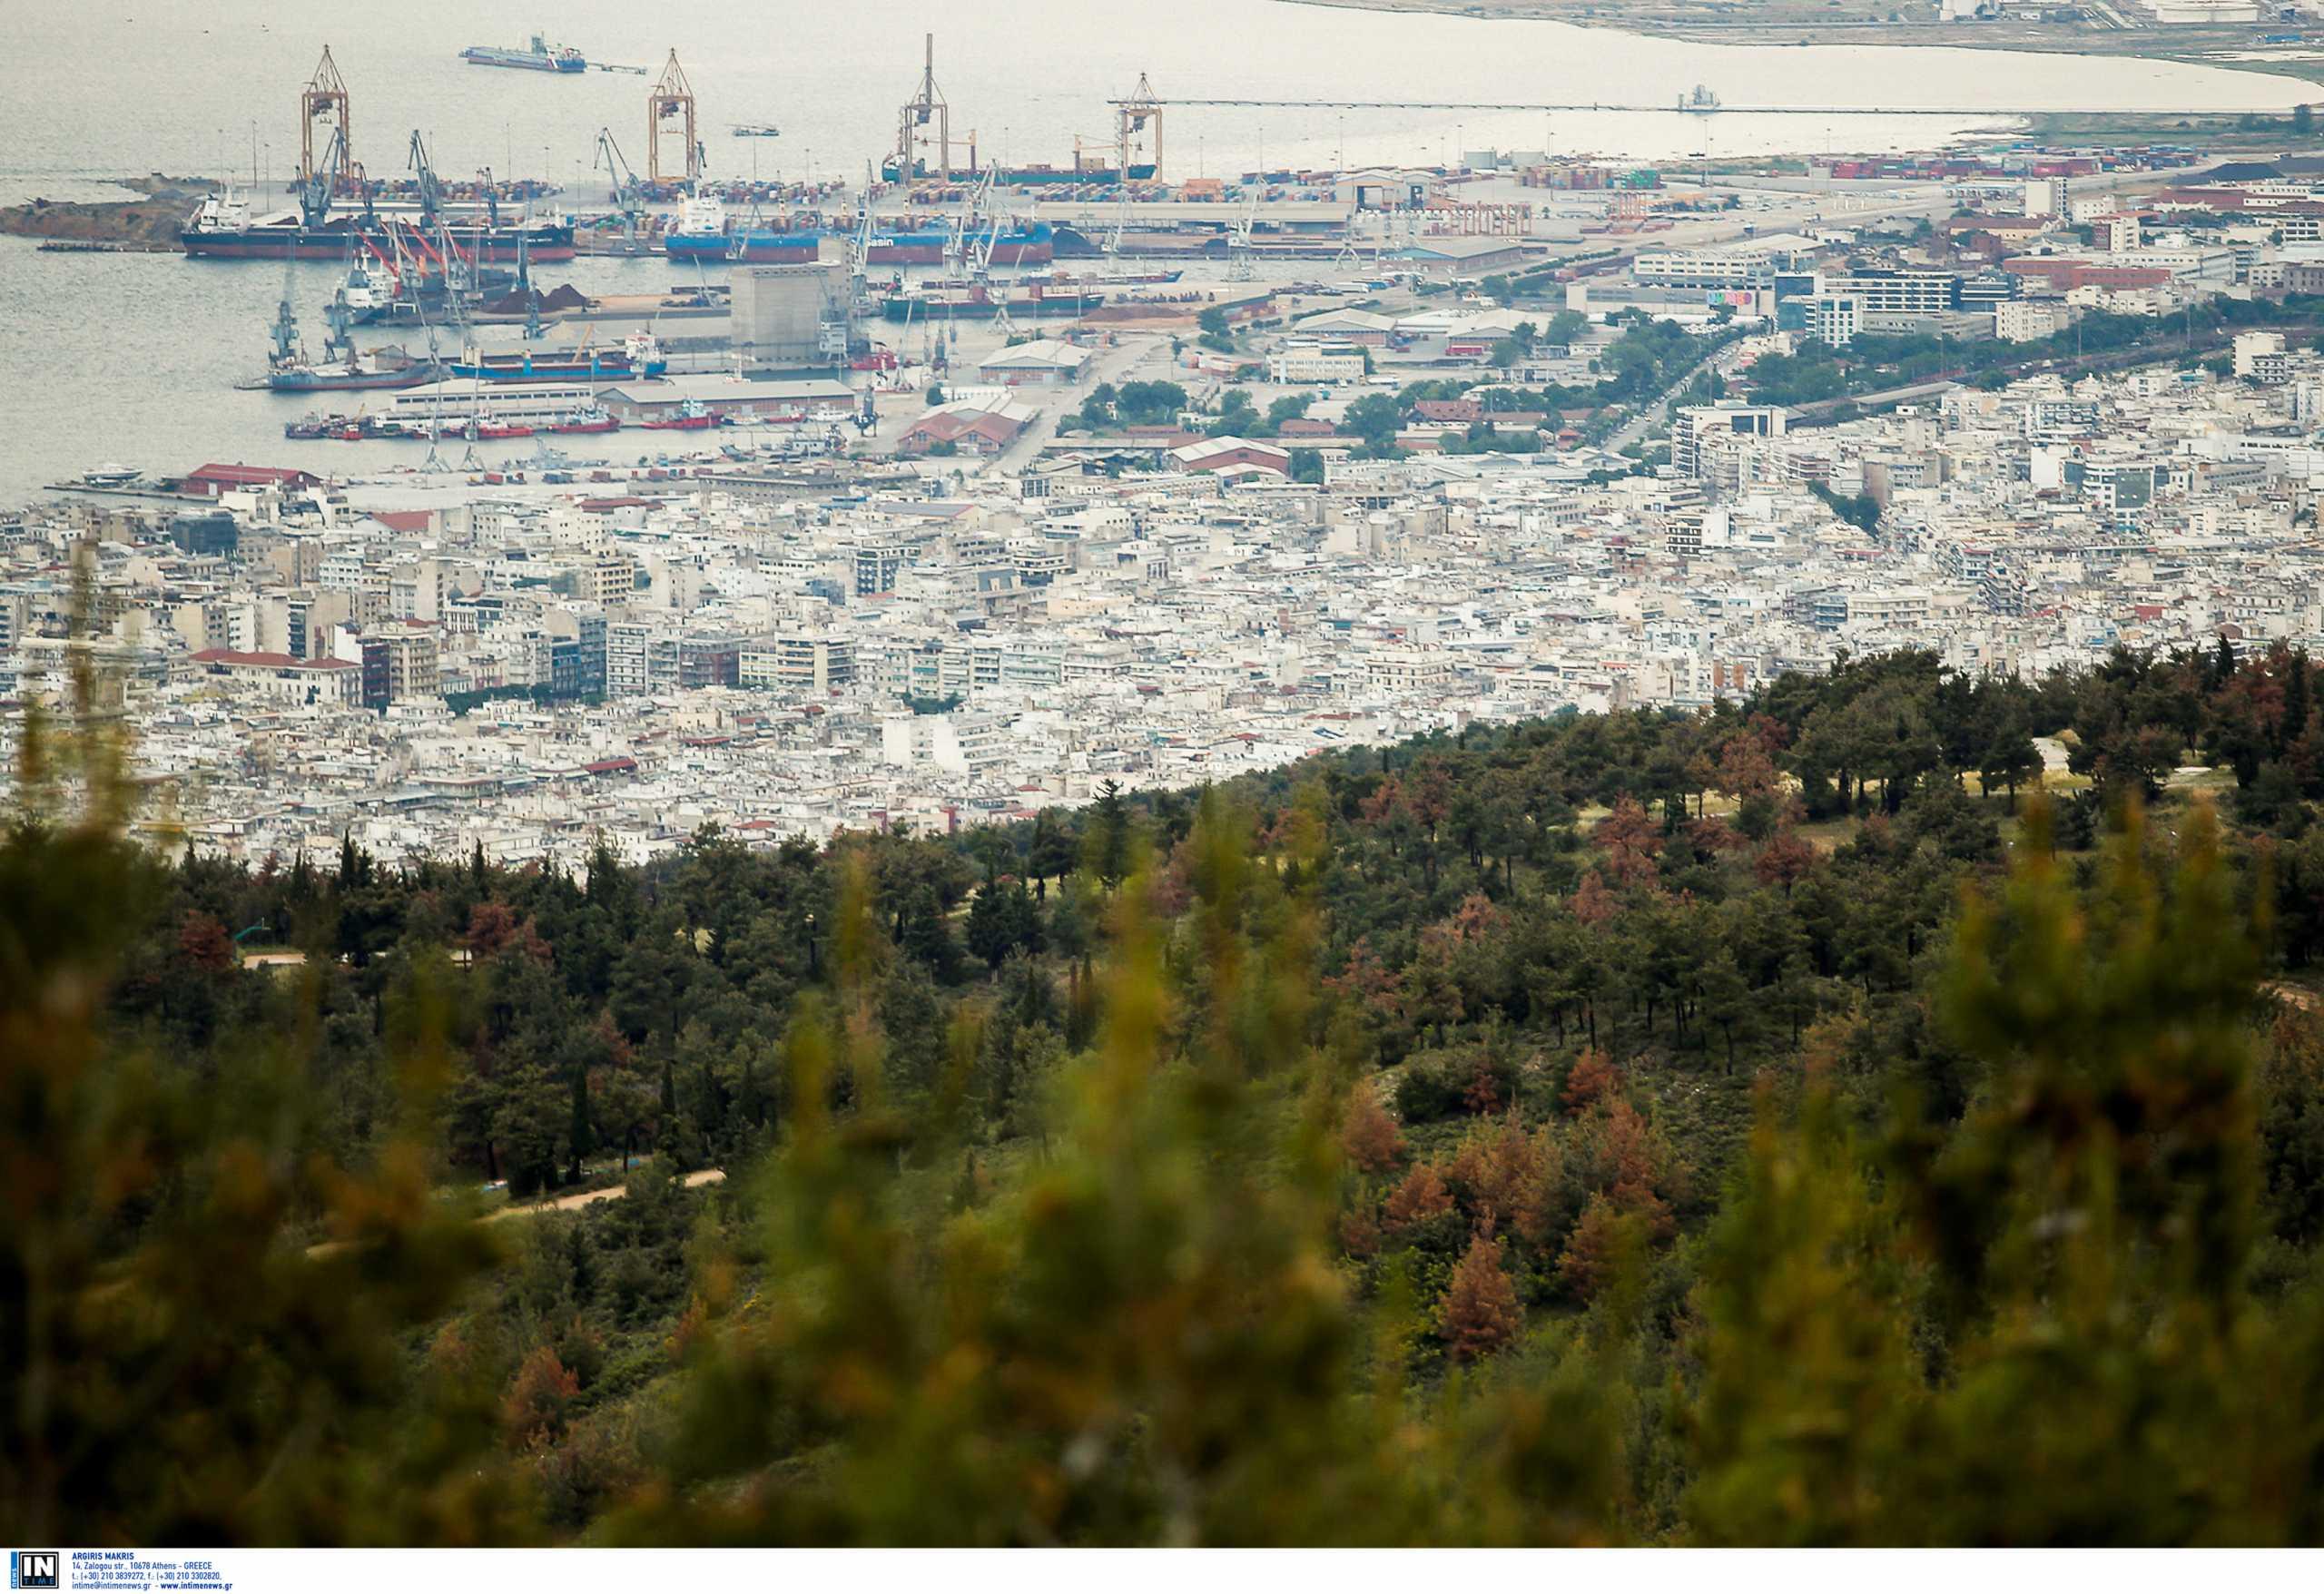 Η COSMOTE δεσμεύεται σε μηδενικό ανθρακικό αποτύπωμα για την αντιμετώπιση της κλιματικής αλλαγής